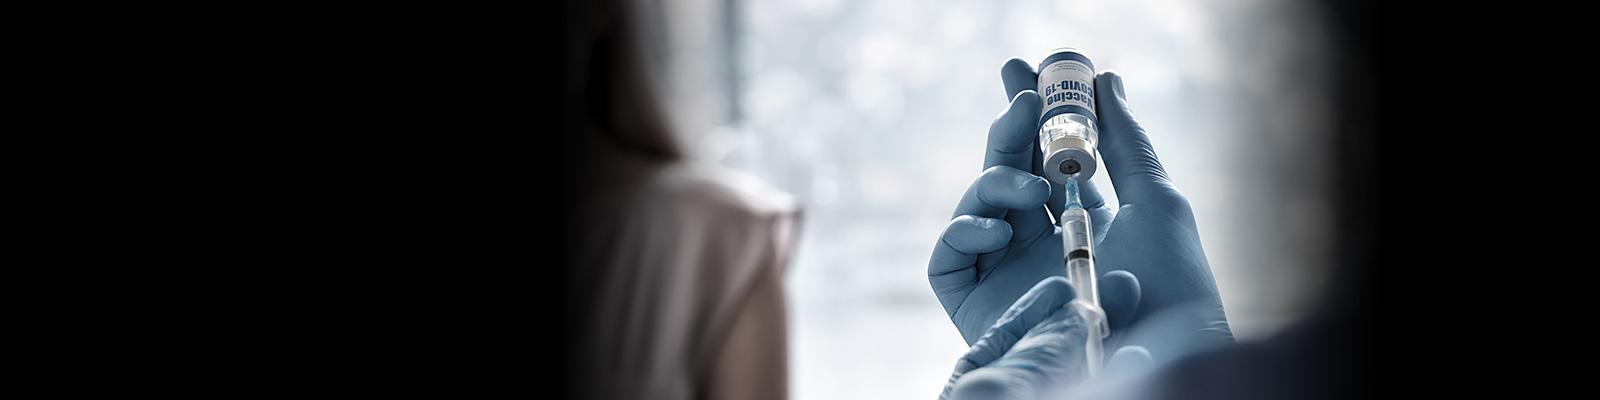 コロナ ワクチン 注射 イメージ